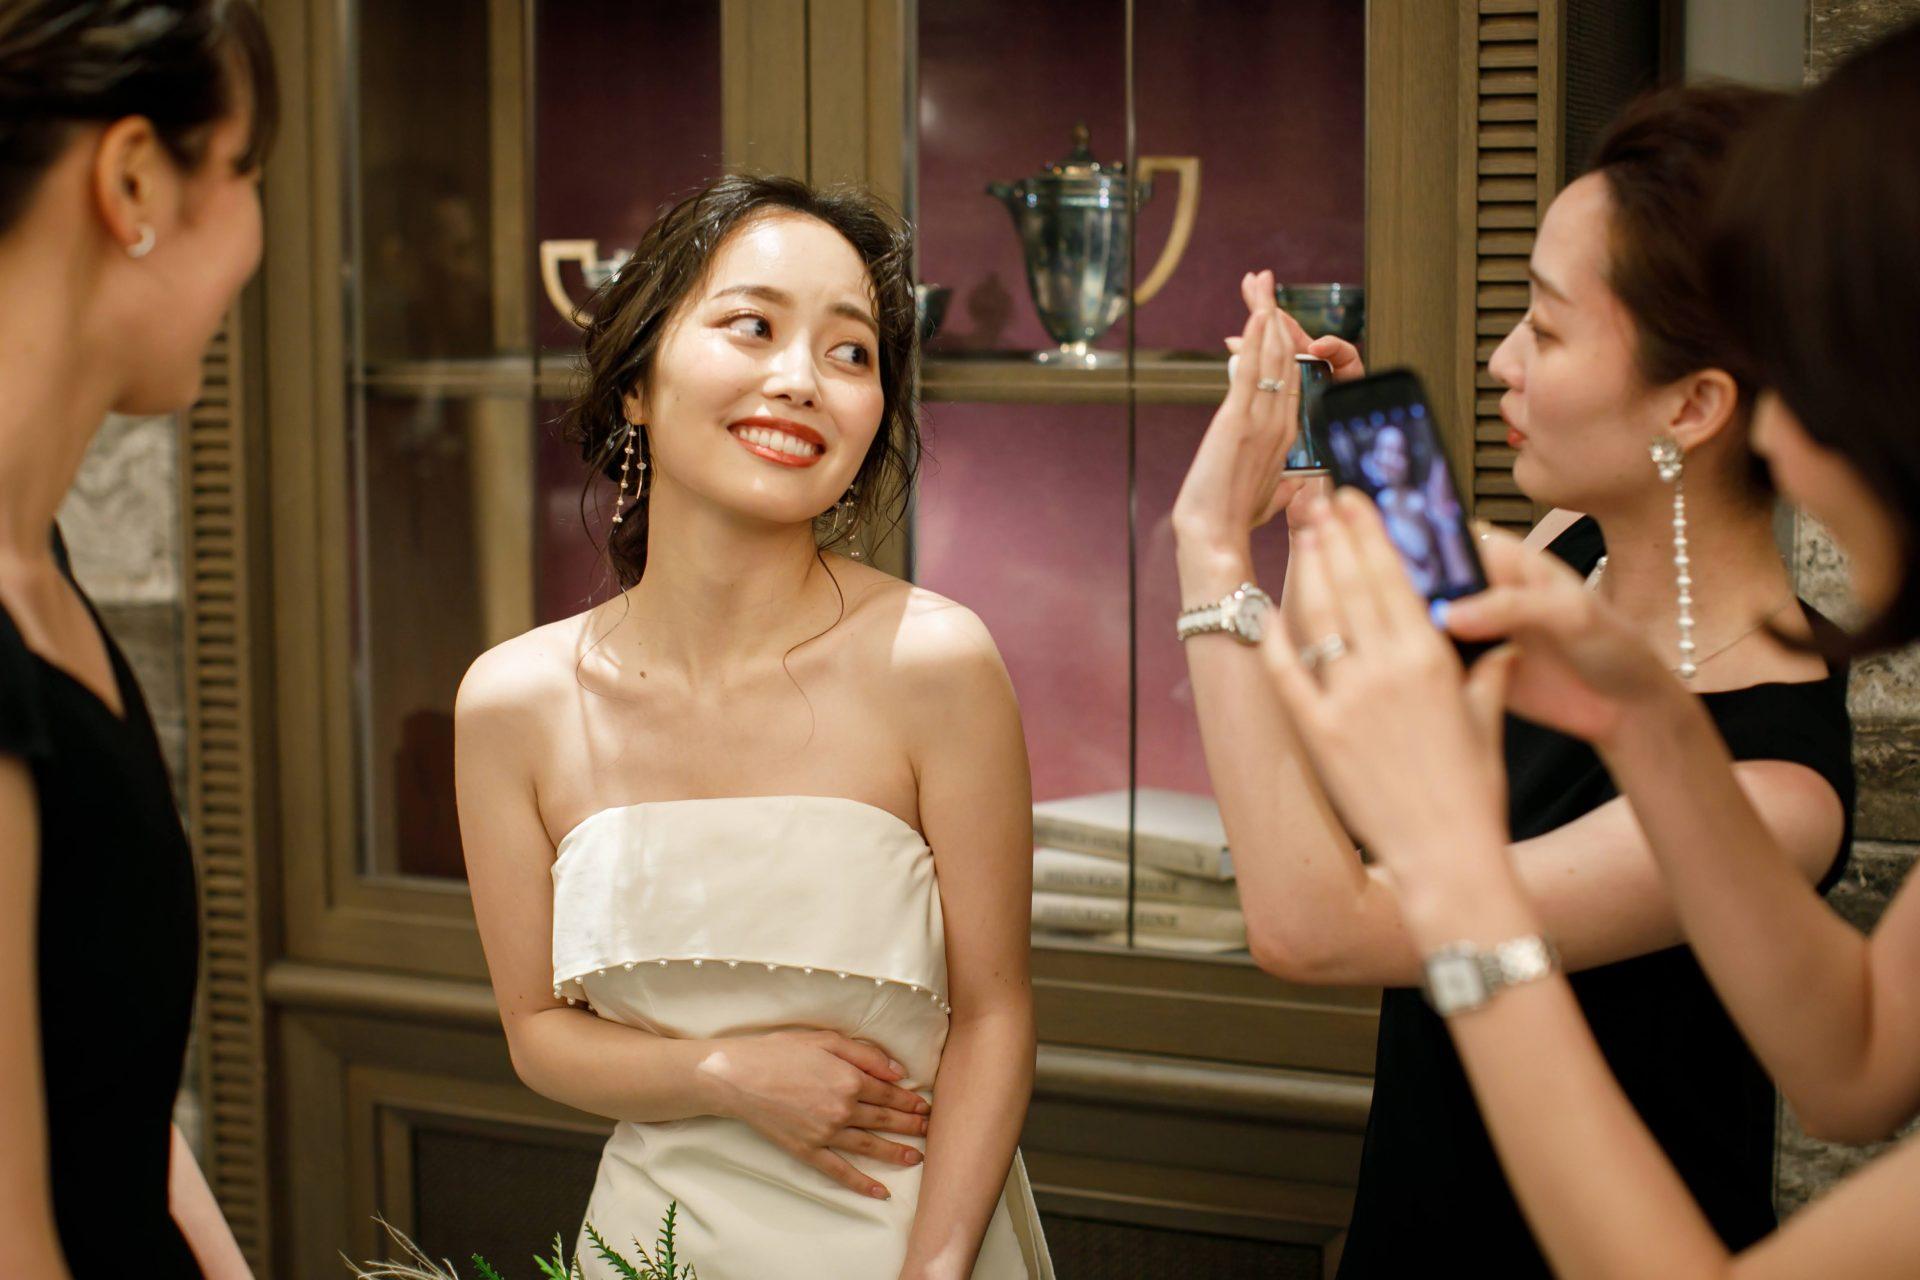 インポートブランドのウェディングドレスをセレクトする東京・表参道のドレスショップ ザ・トリート・ドレッシングのドレスをお召しになられたご新婦様は、結婚式当日沢山の女性ゲストにウェディングドレスを褒められていました